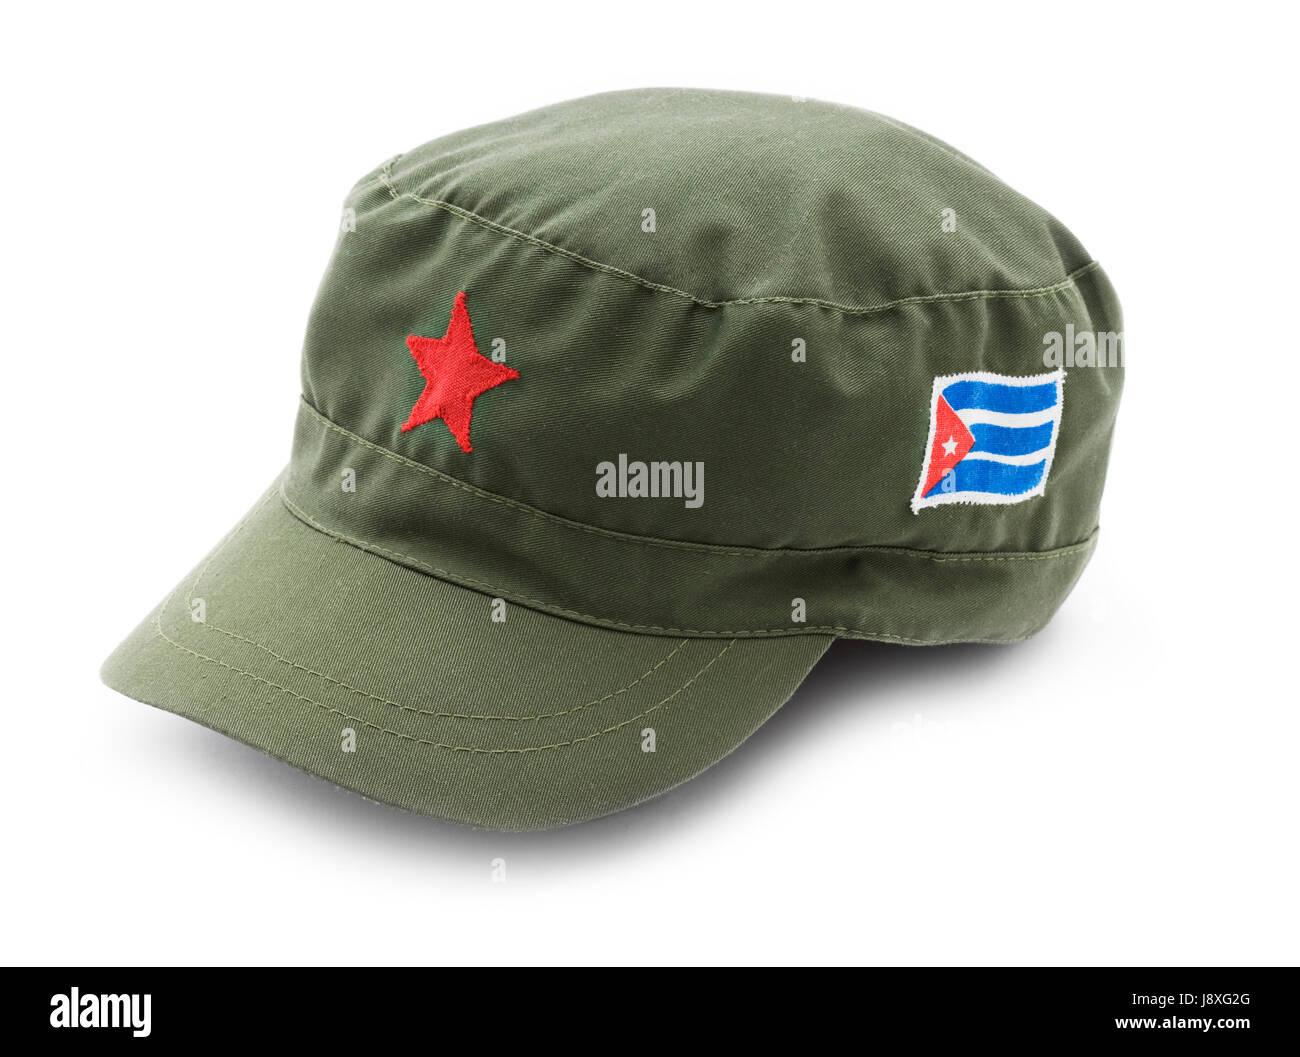 Hat 473611554401